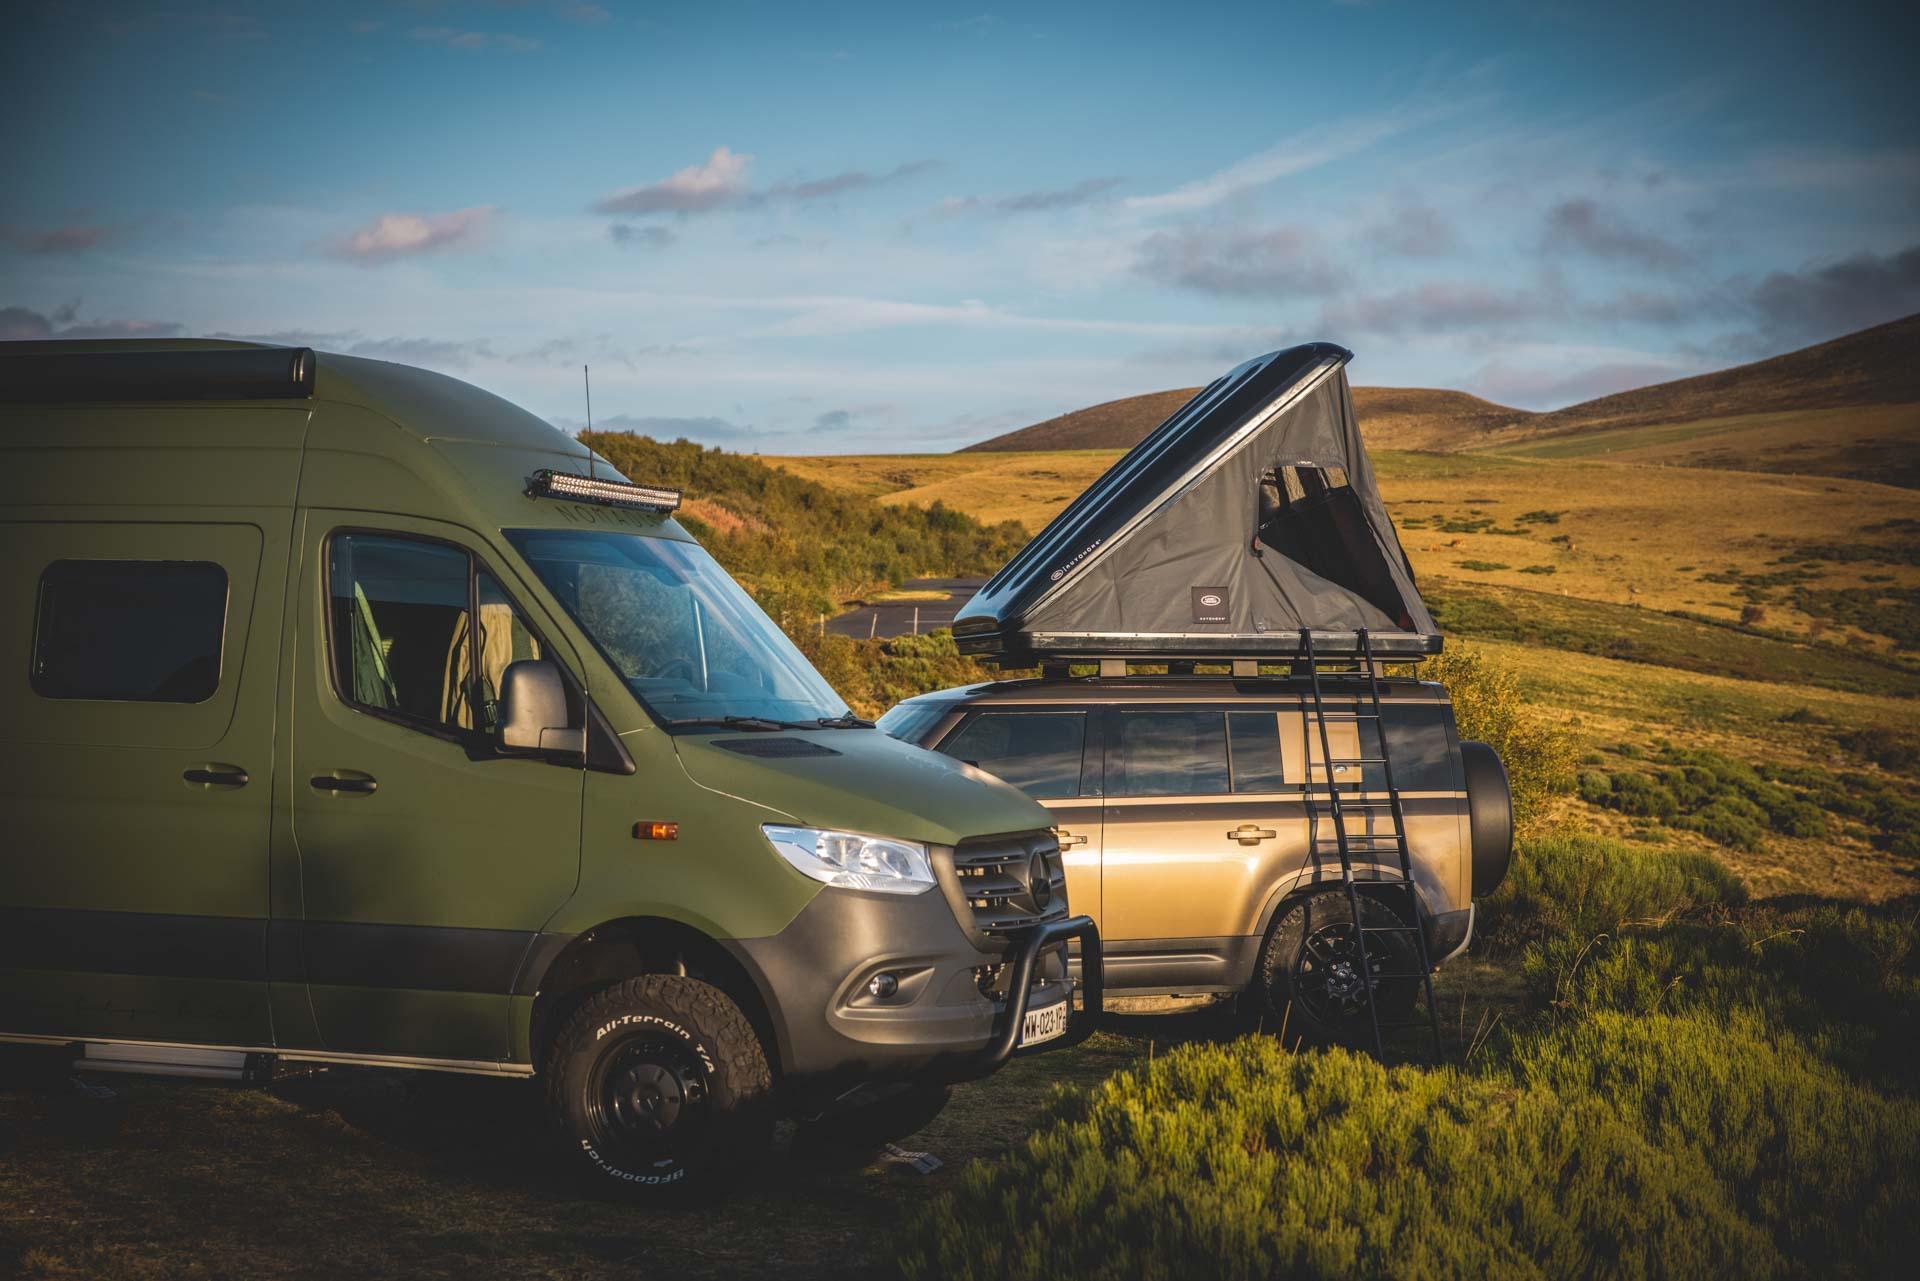 Un van entièrement remodelé pour en faire un véritable boutique-hôtel nomade © Amaury Laparra